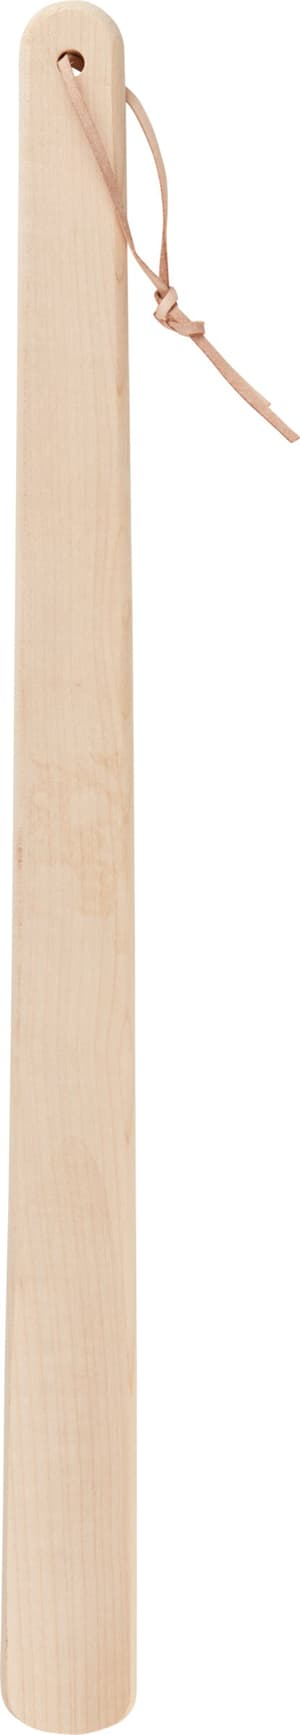 Schuhlöffel 50cm